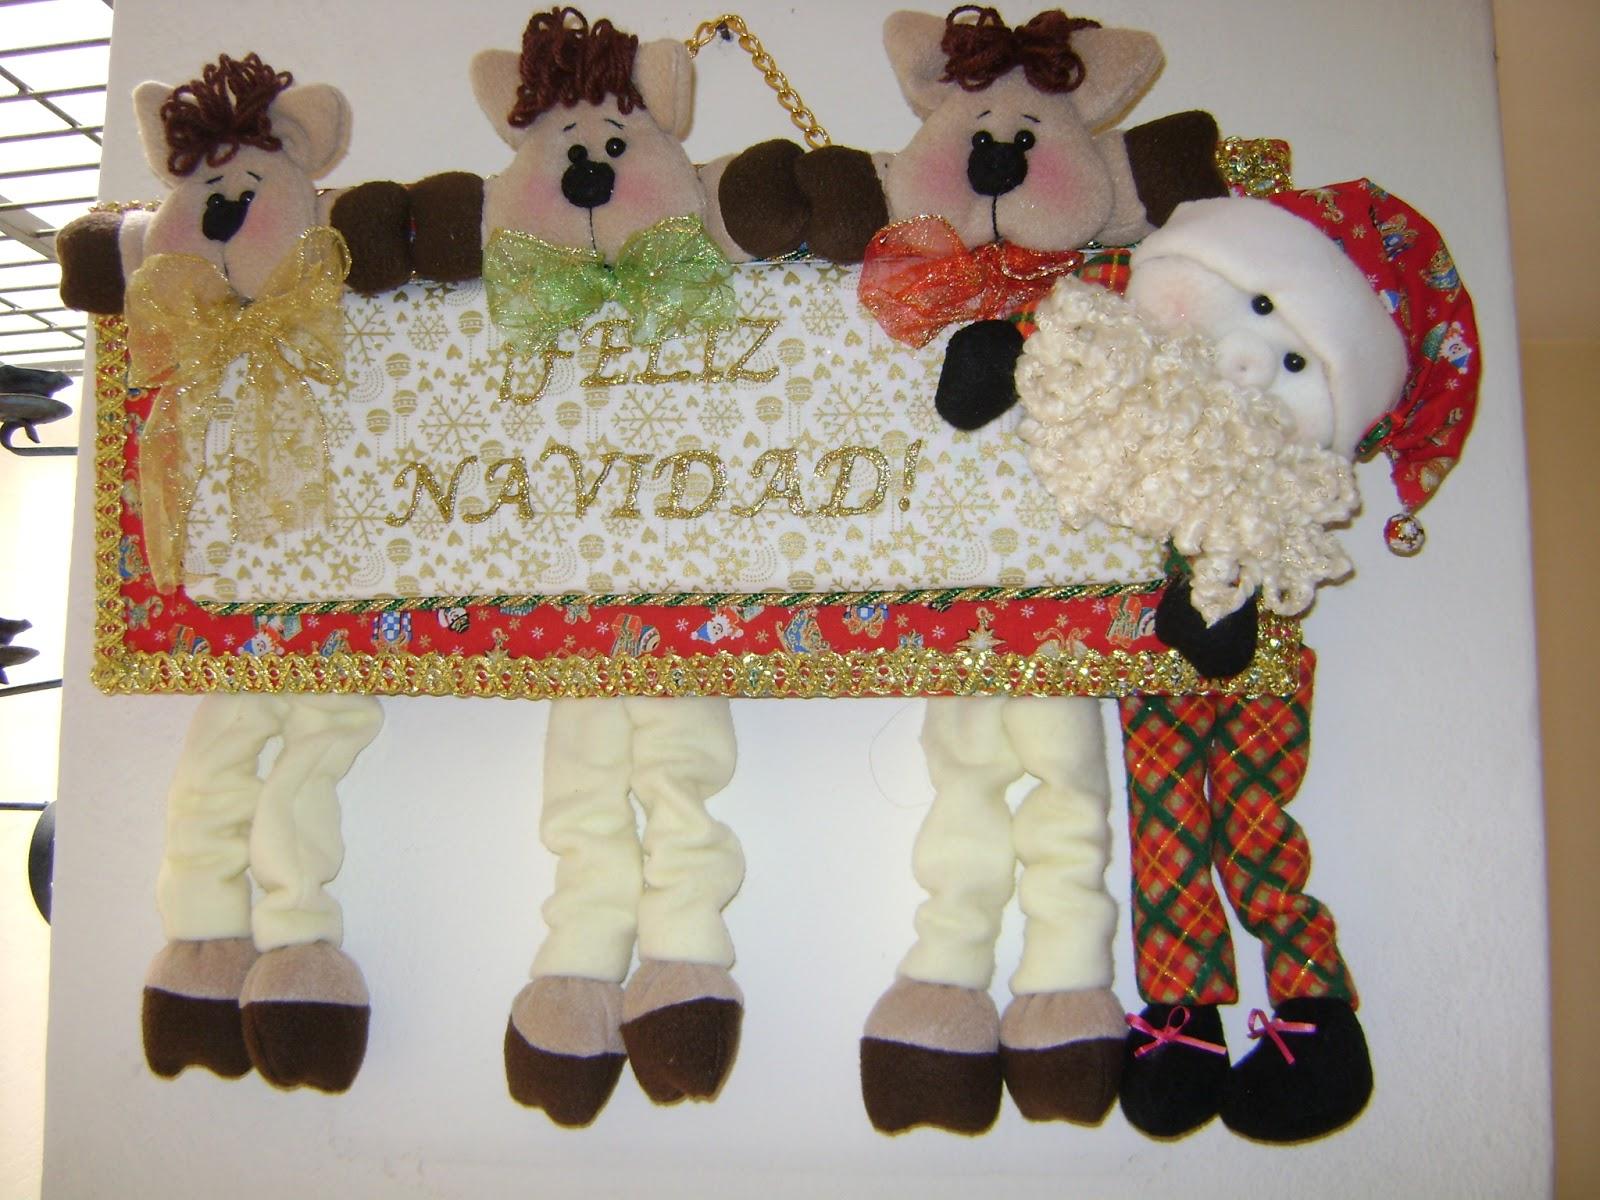 Del amor y mil locuras detalles para navidad for Detalles de navidad